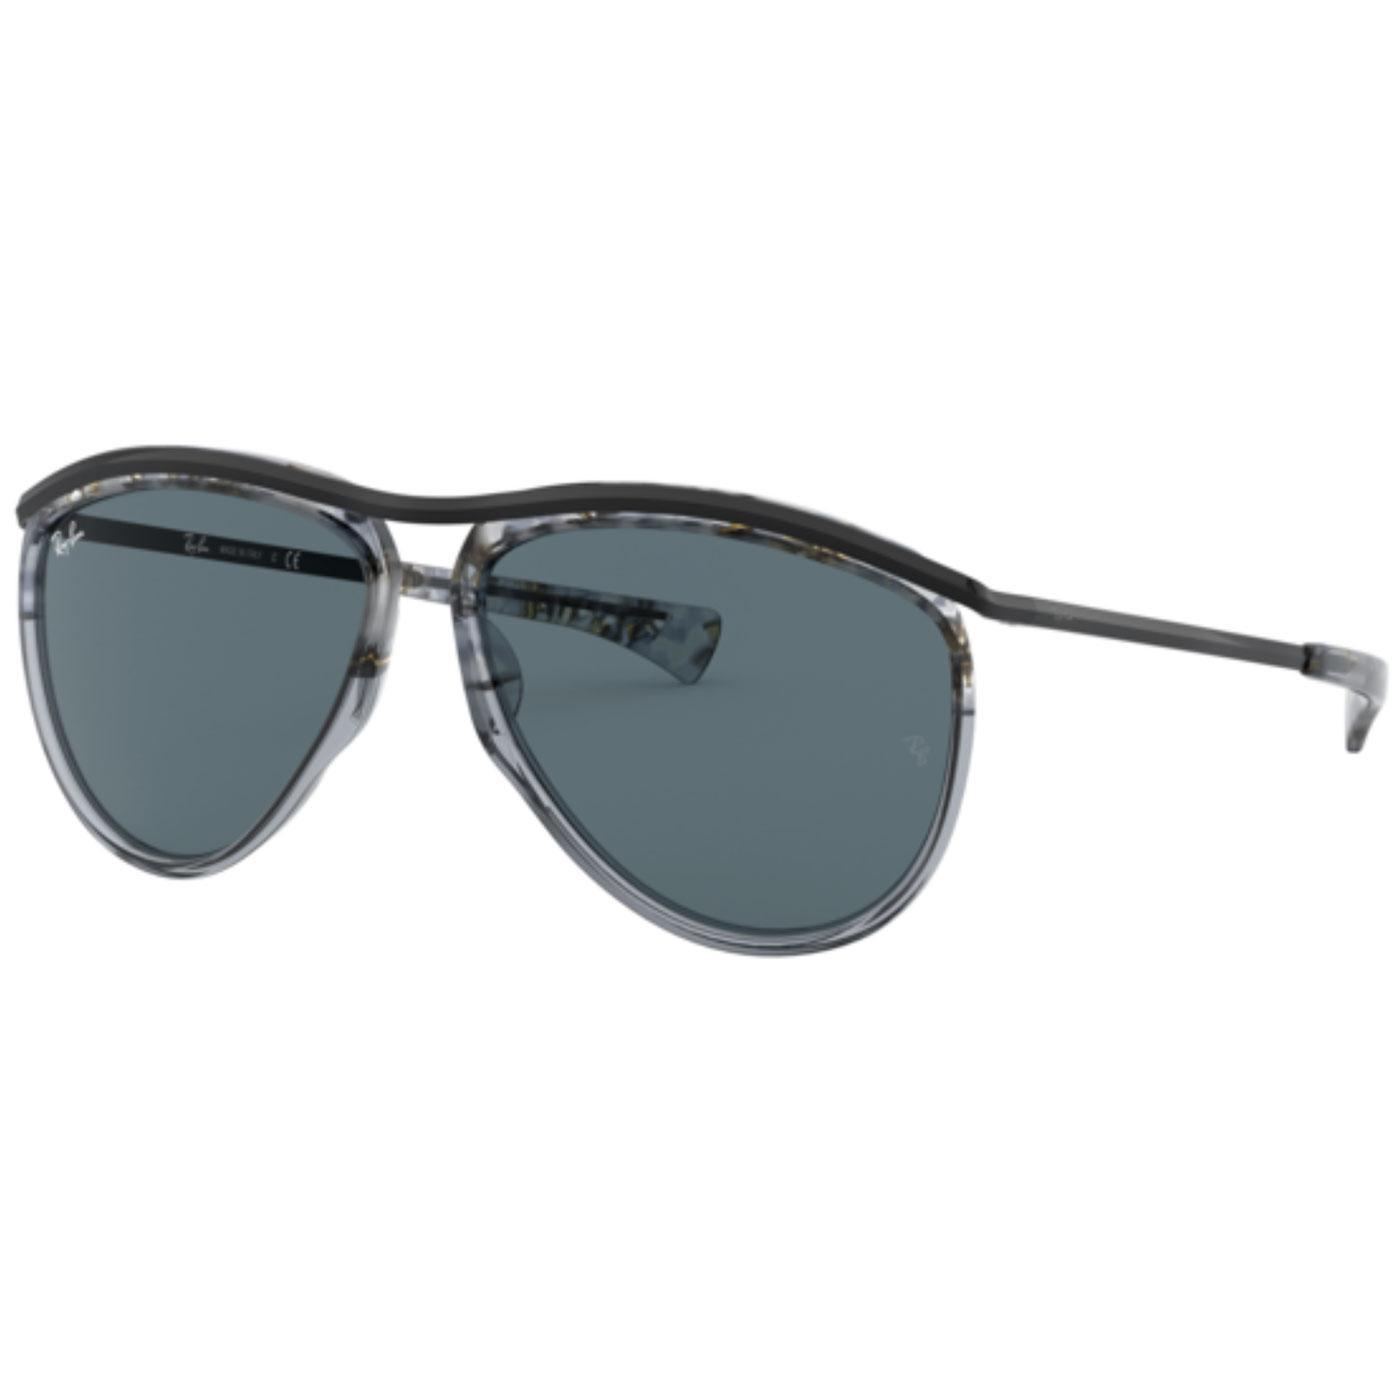 Olympian Aviator RAY-BAN Sunglasses (Havana Grey)